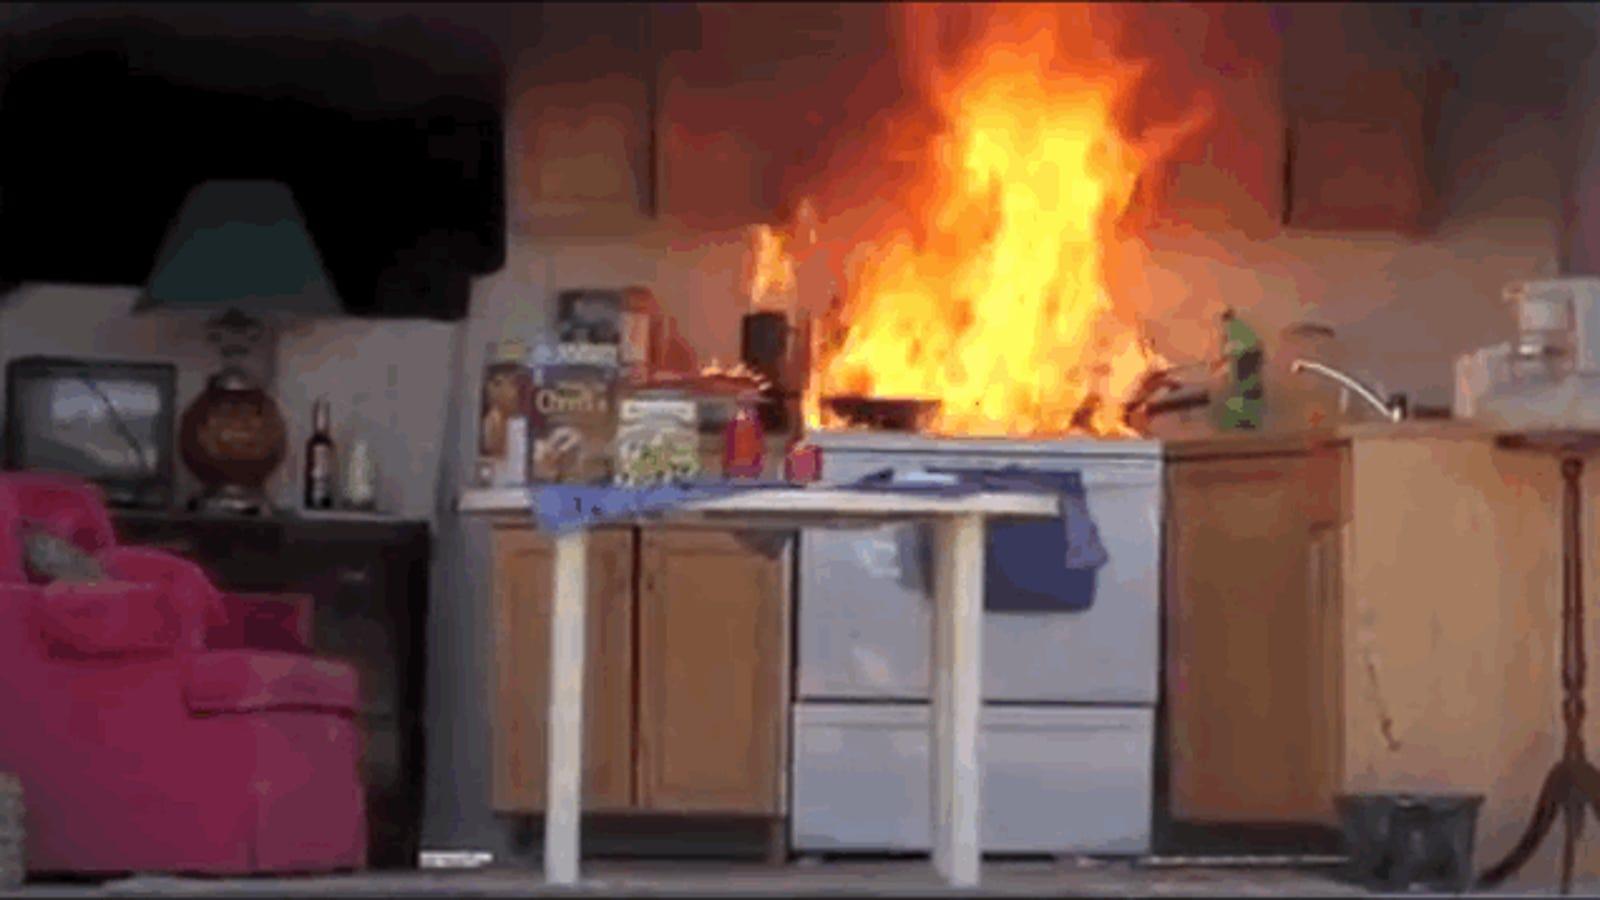 Qu ocurre si sales de casa y te das cuenta que dejaste el fuego encendido - Cocina de fuego ...